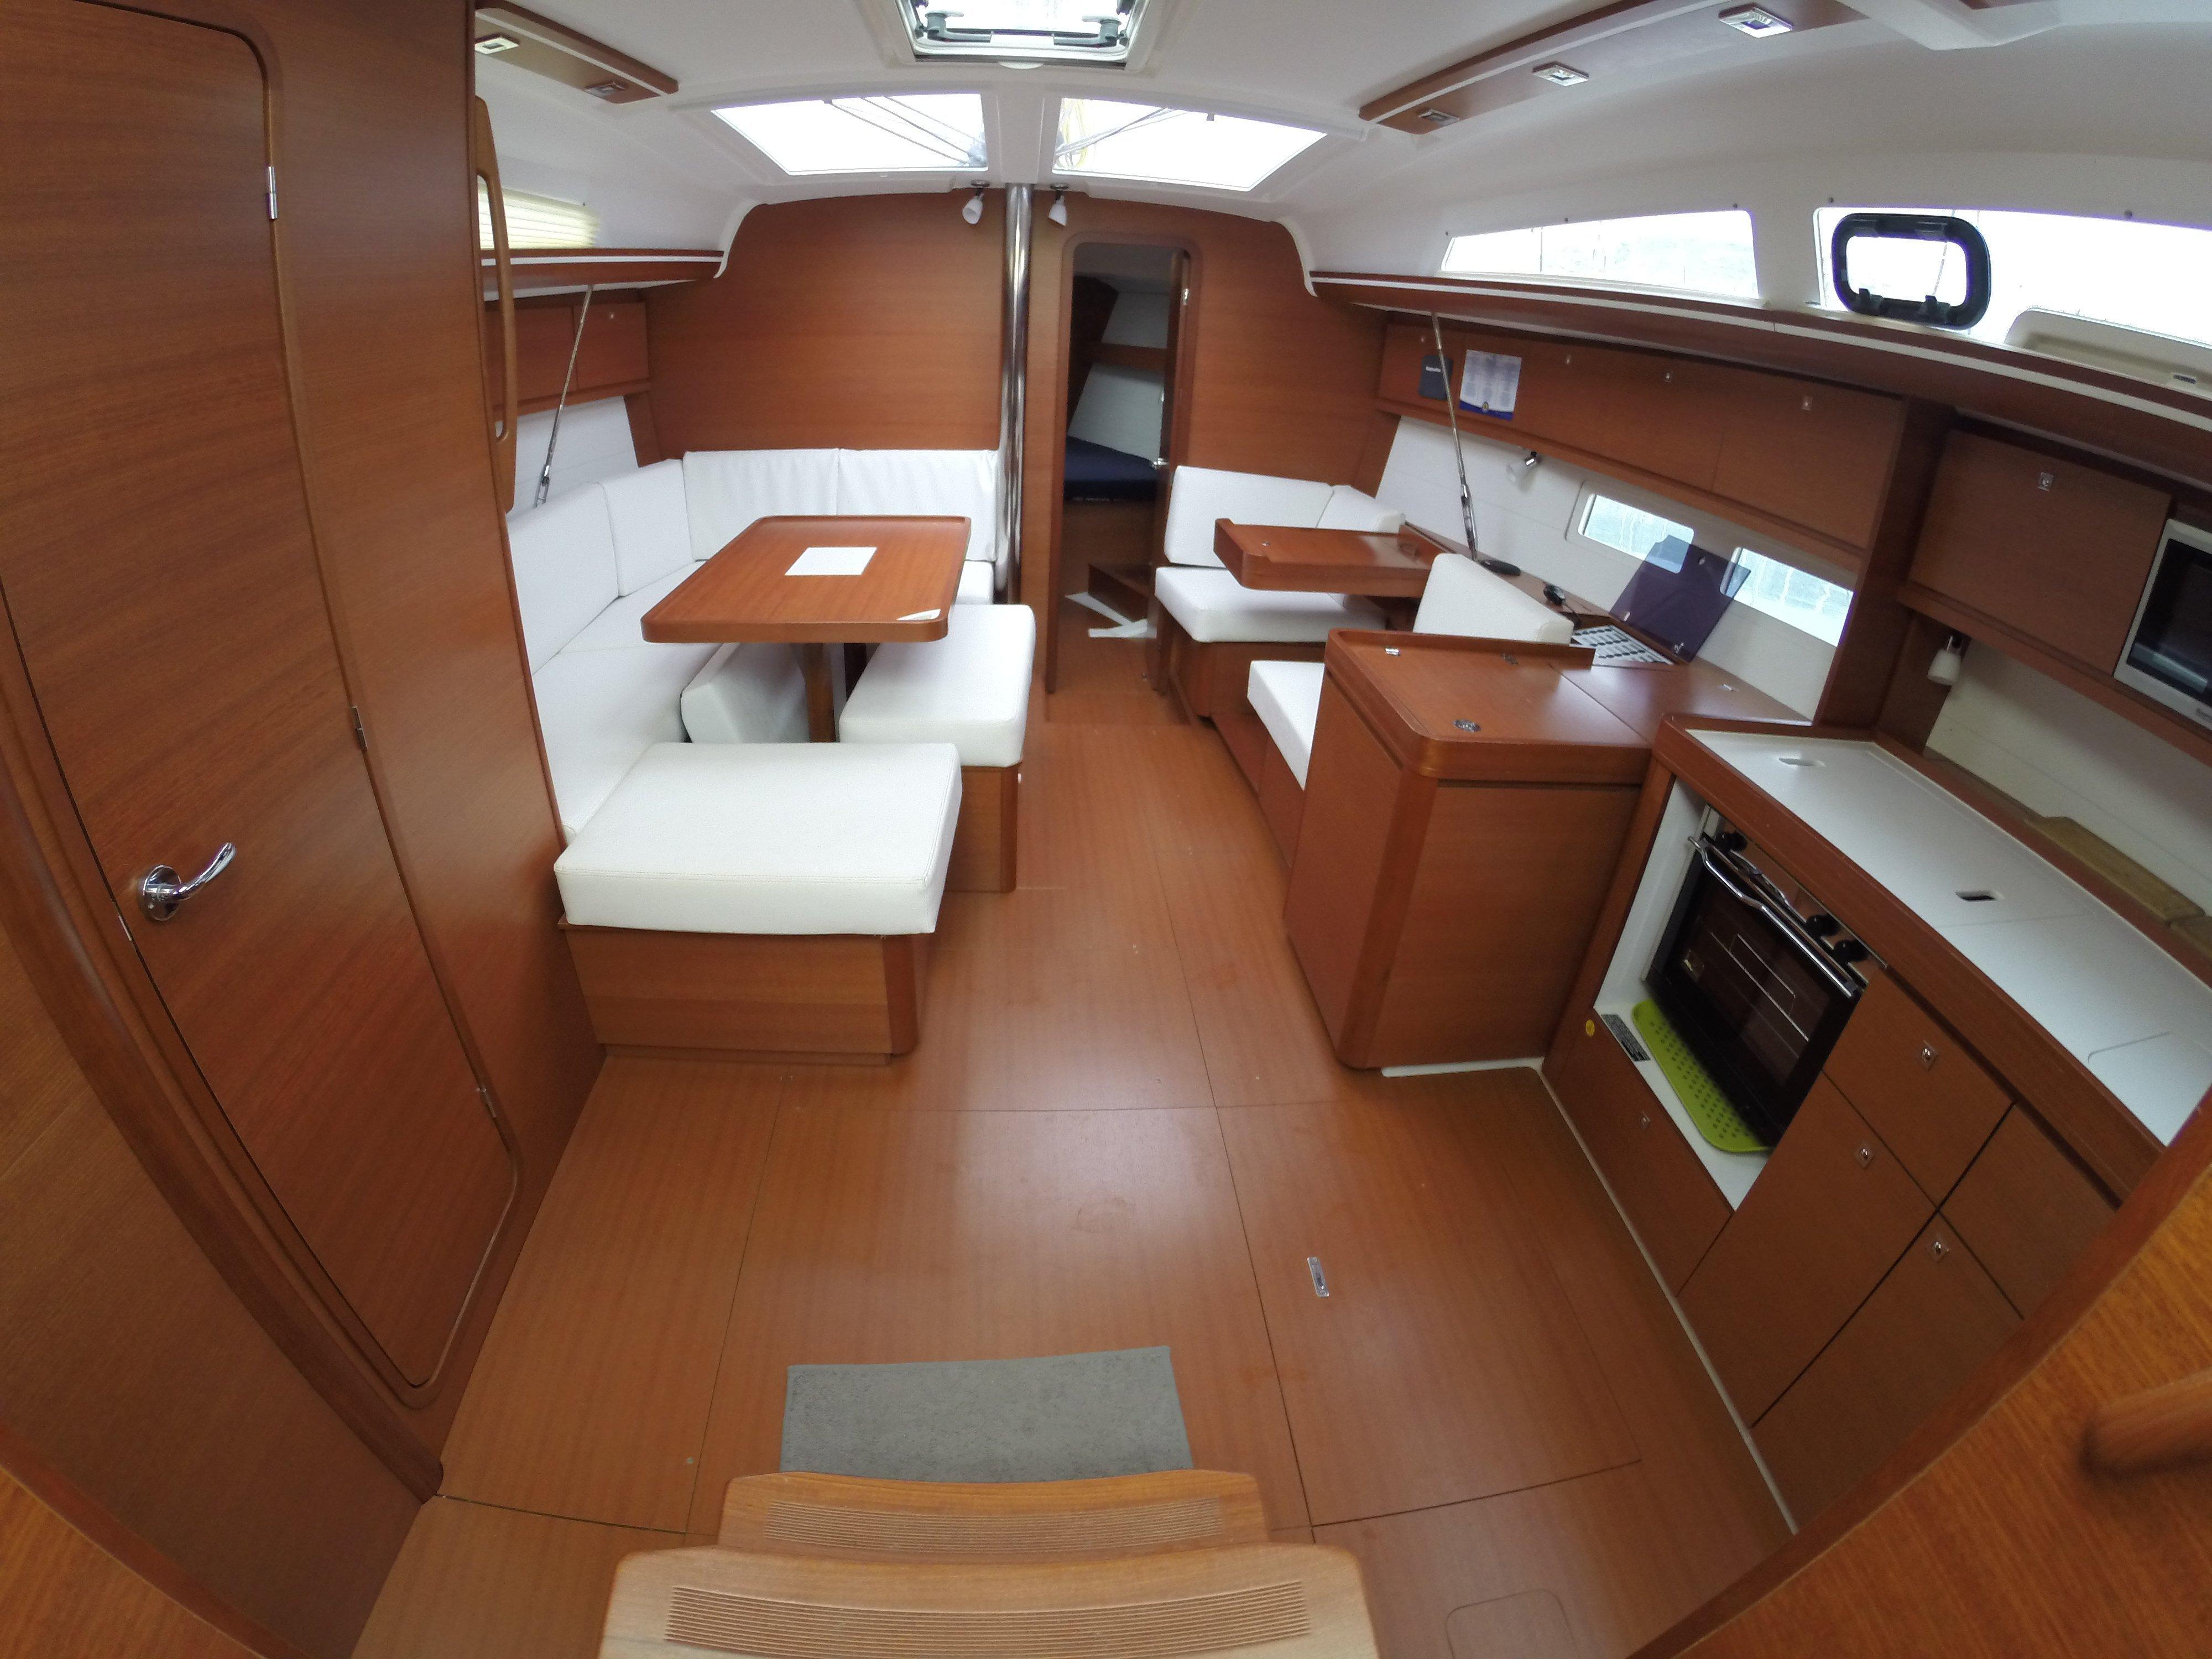 Dufour 410 GL (Cloe) Interior image - 1